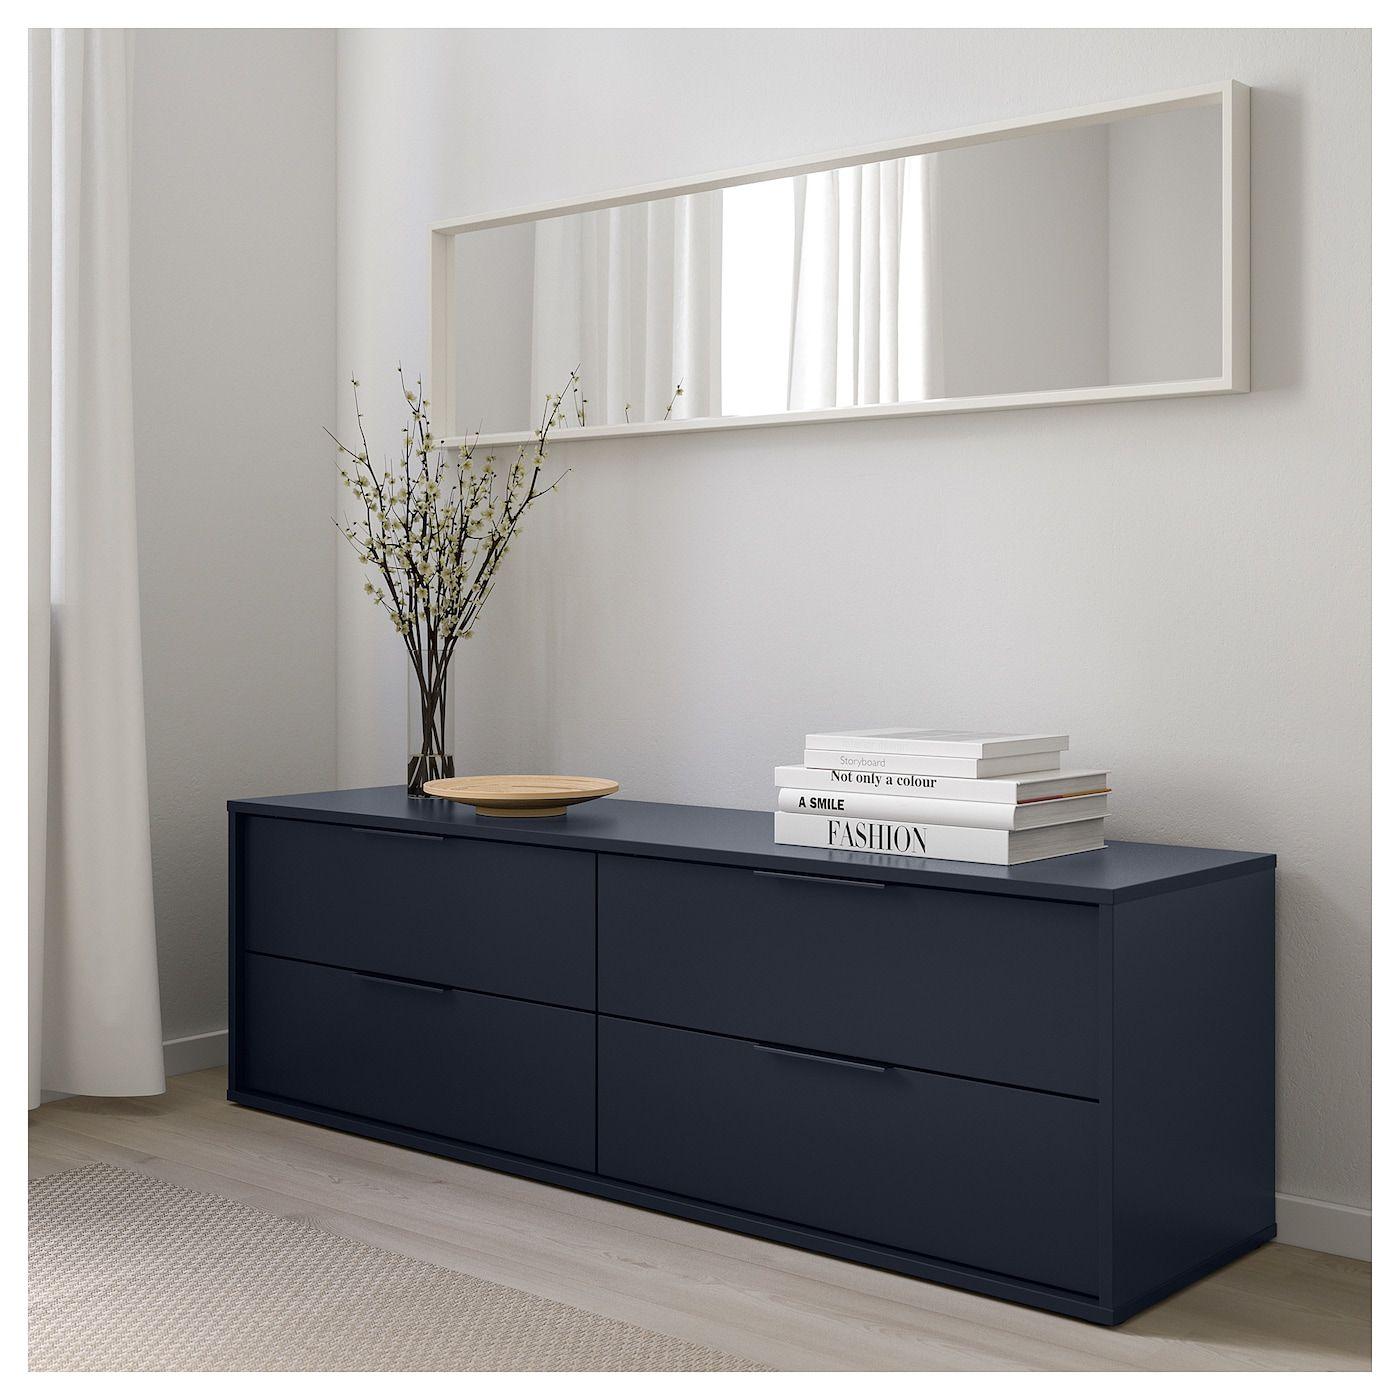 Nordmela Kommode Mit 4 Schubladen Schwarzblau Ikea Deutschland 4 Drawer Dresser Dresser Drawers Ikea